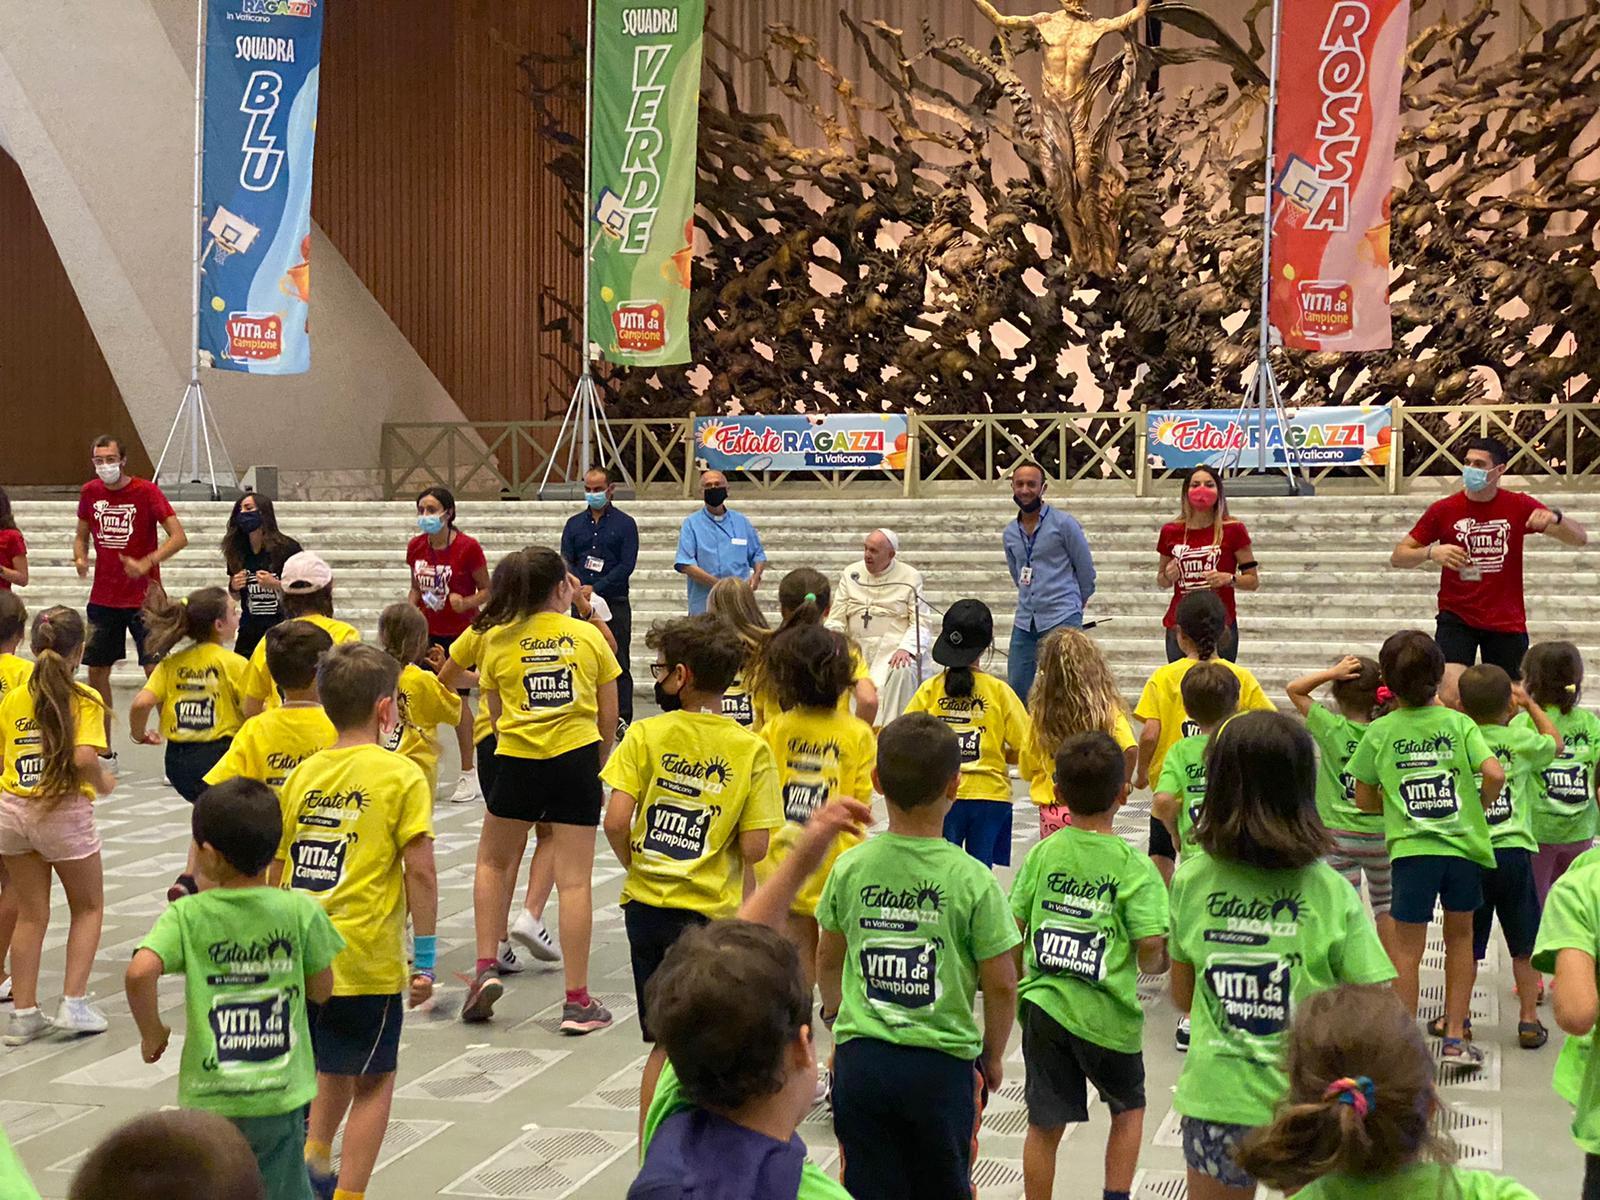 Enfants du camp d'été au Vatican © Play It S.S.D. a.r.l